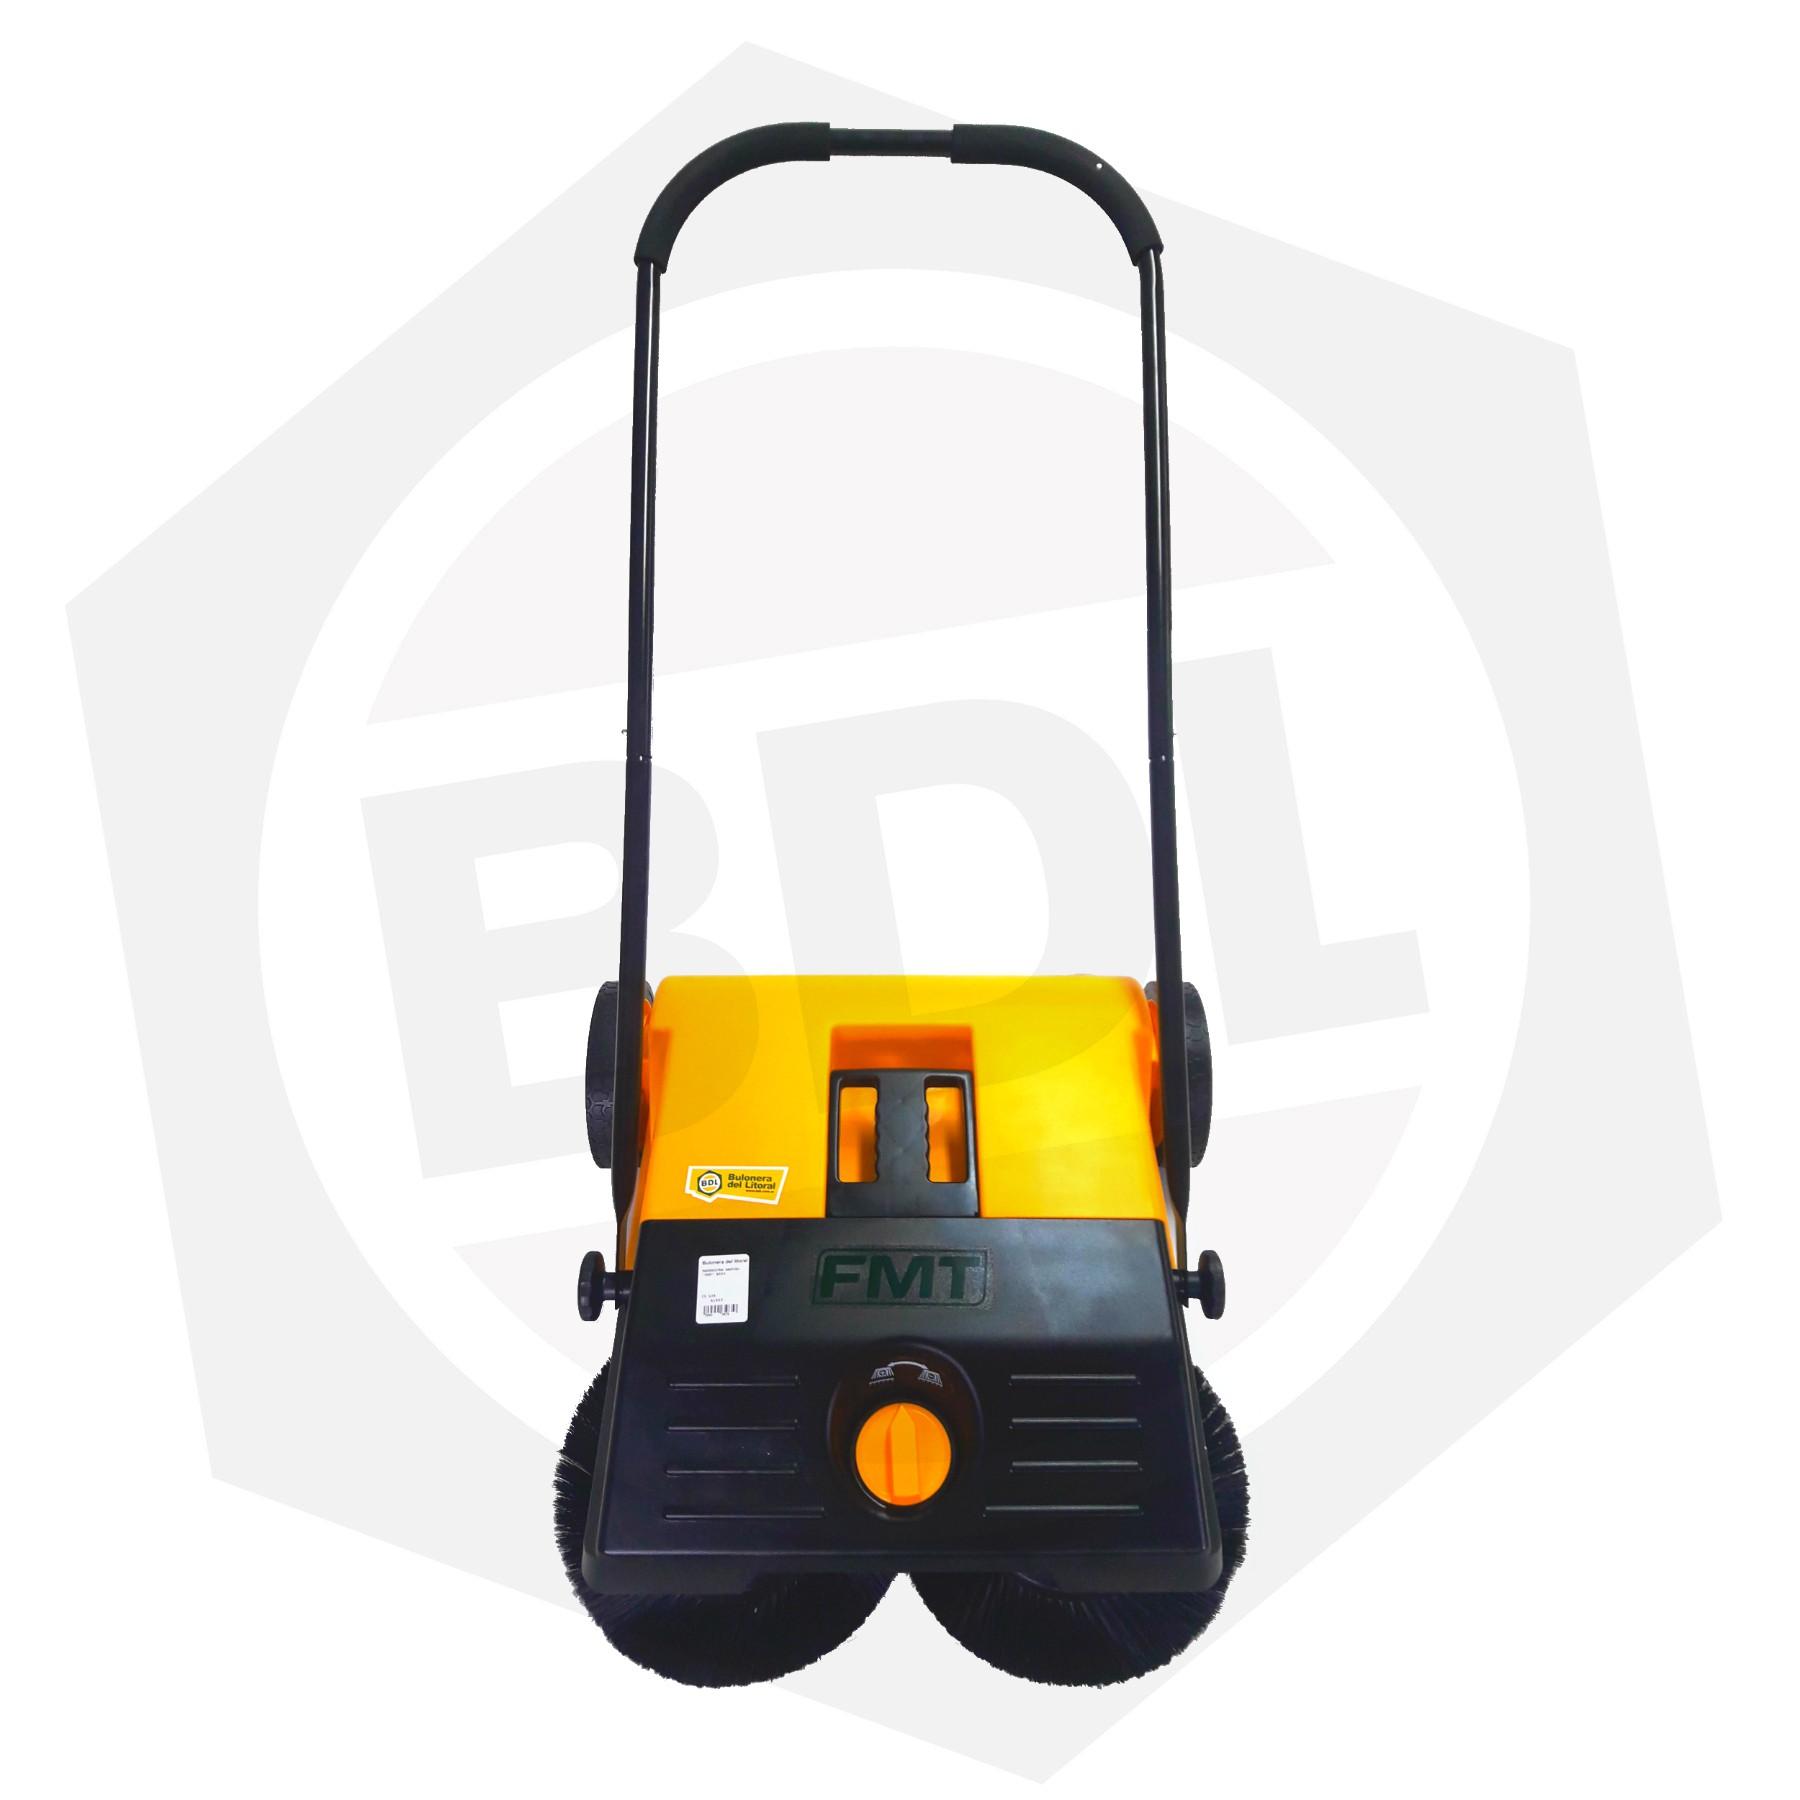 OFERTA - 20% DE DESCUENTO - Barredora Manual FMT B550